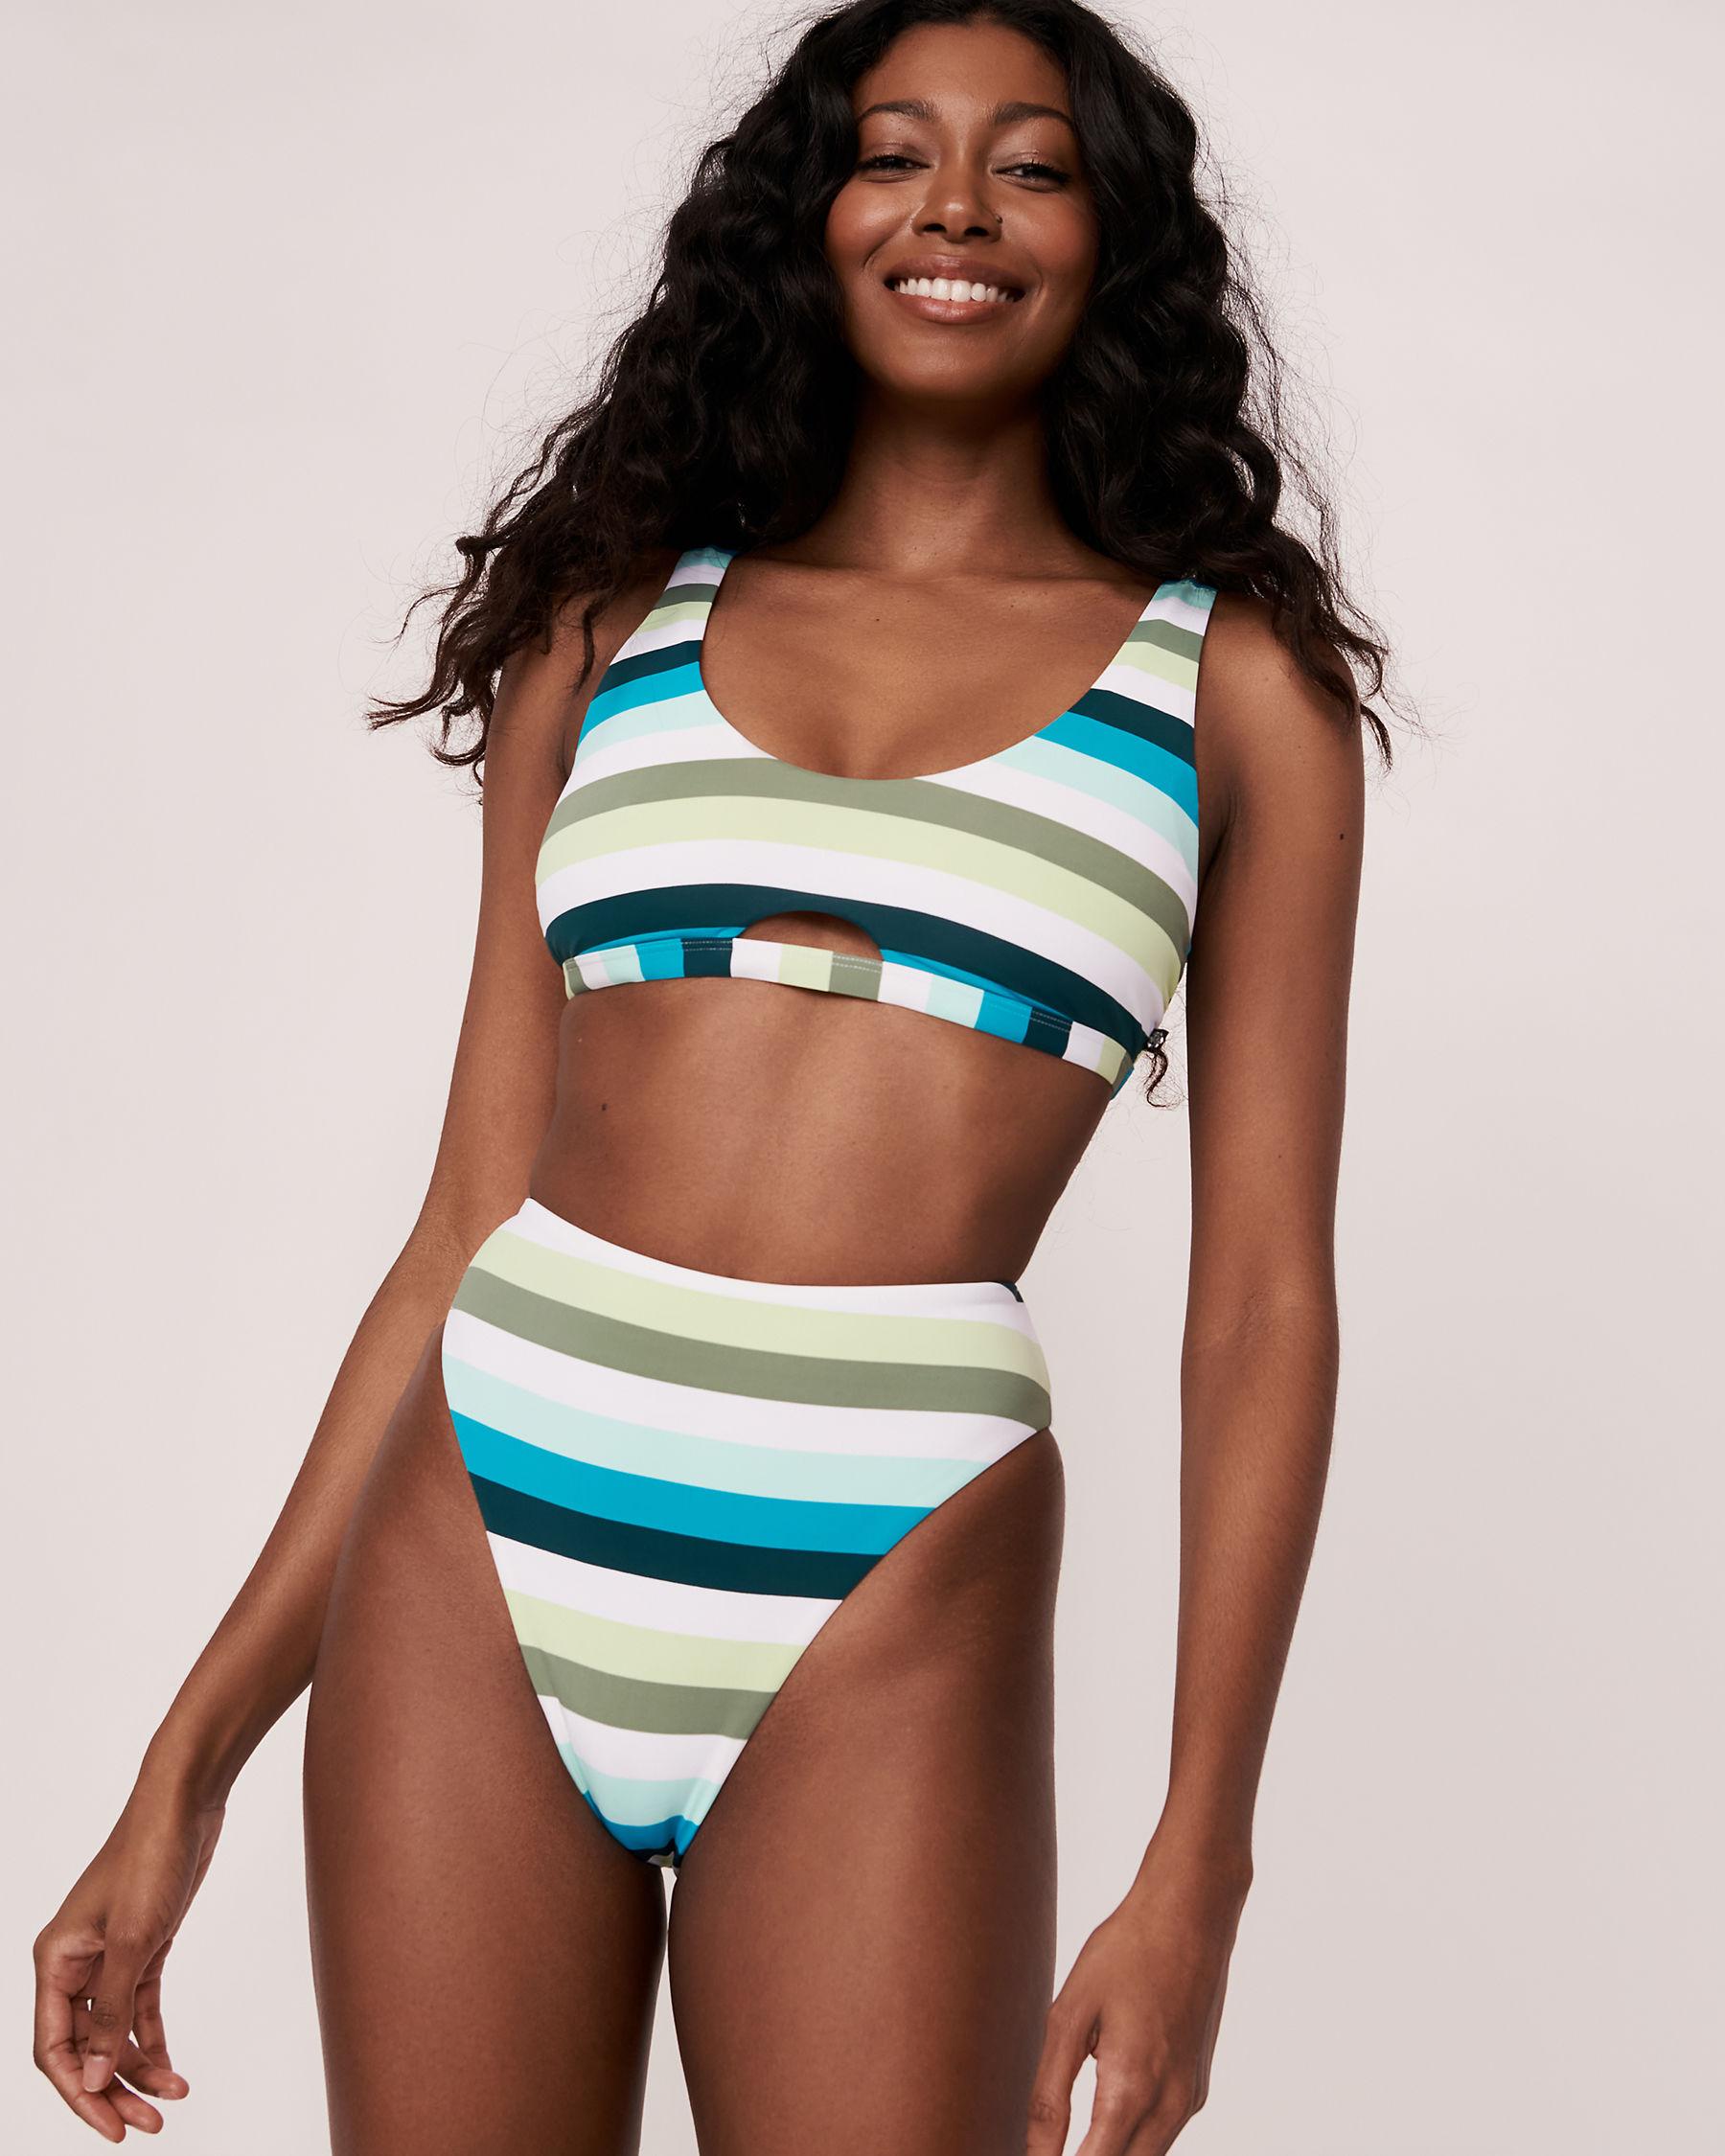 LA VIE EN ROSE AQUA LAGOON High Waist Thong Bikini Bottom Shades of blue 70300092 - View3